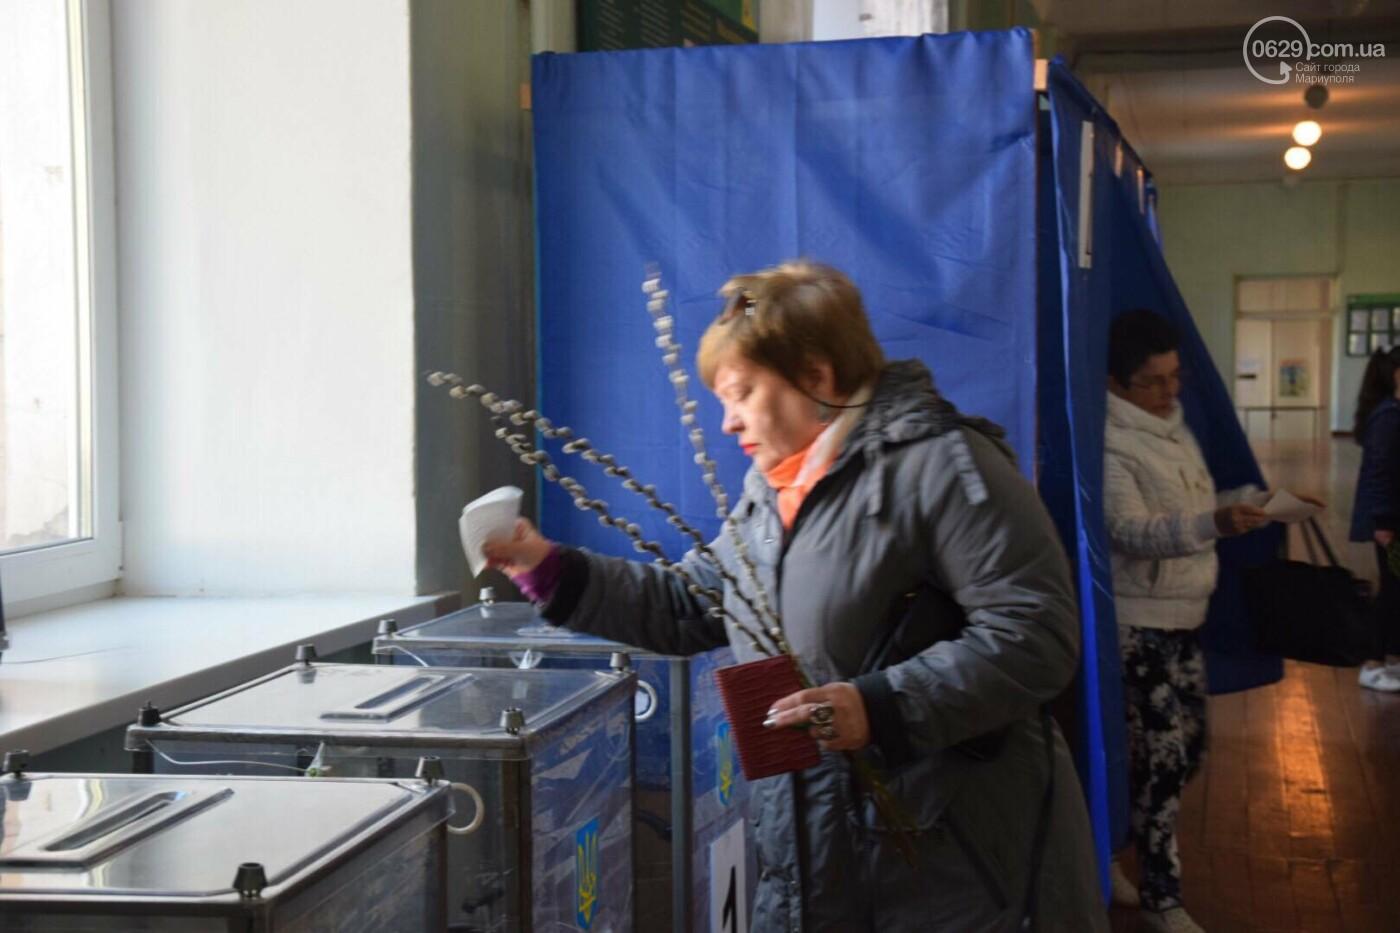 Выборы и верба: как Мариуполь празднует православный праздник, - ФОТОРЕПОРТАЖ, фото-49